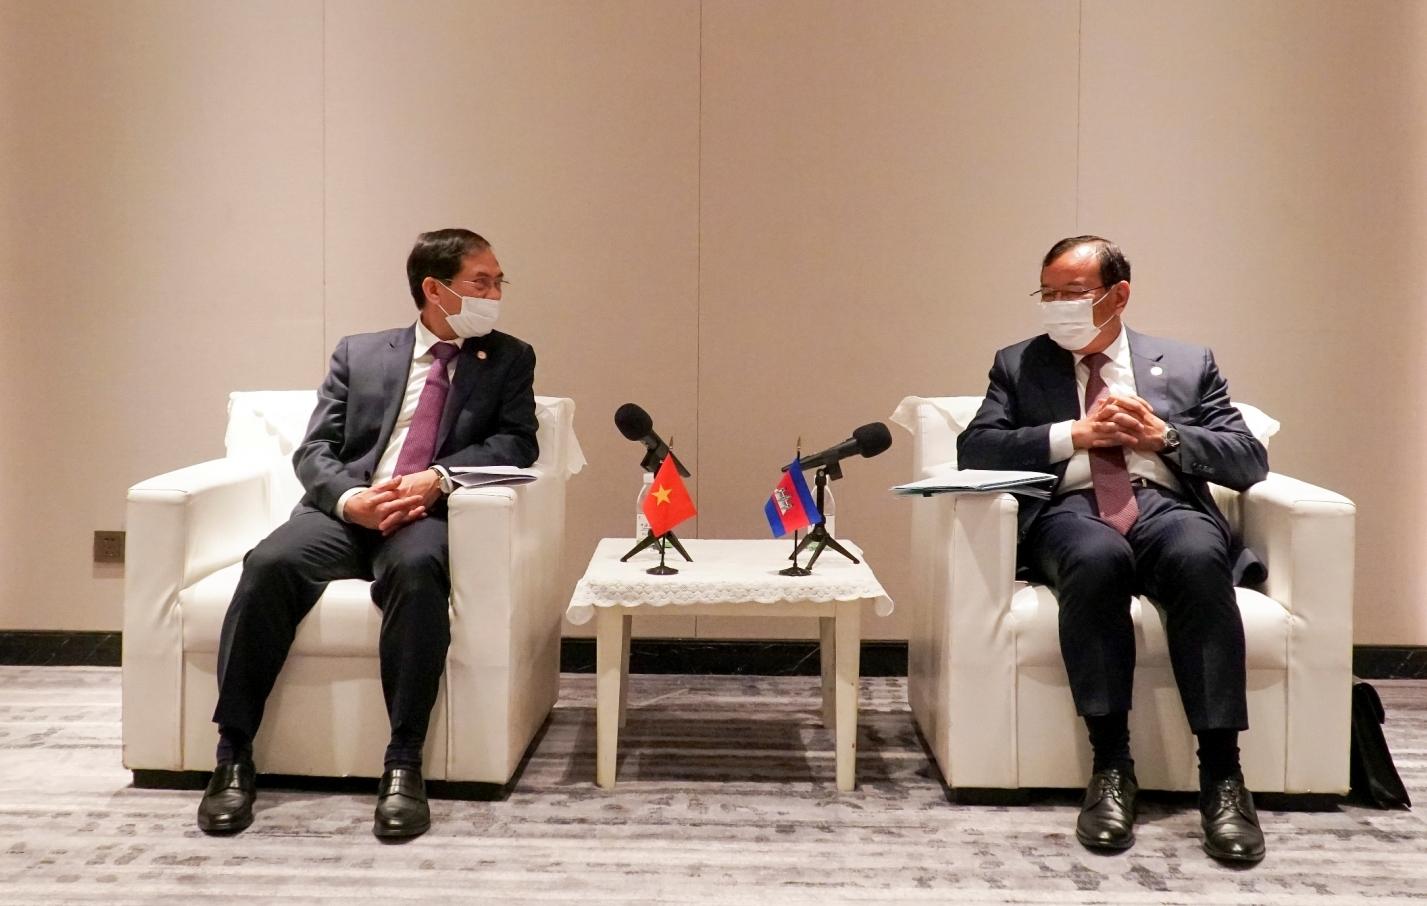 Bộ trưởng Ngoại giao Bùi Thanh Sơn gặp song phương Phó Thủ tướng, Bộ trưởng Ngoại giao và Hợp tác quốc tế Campuchia